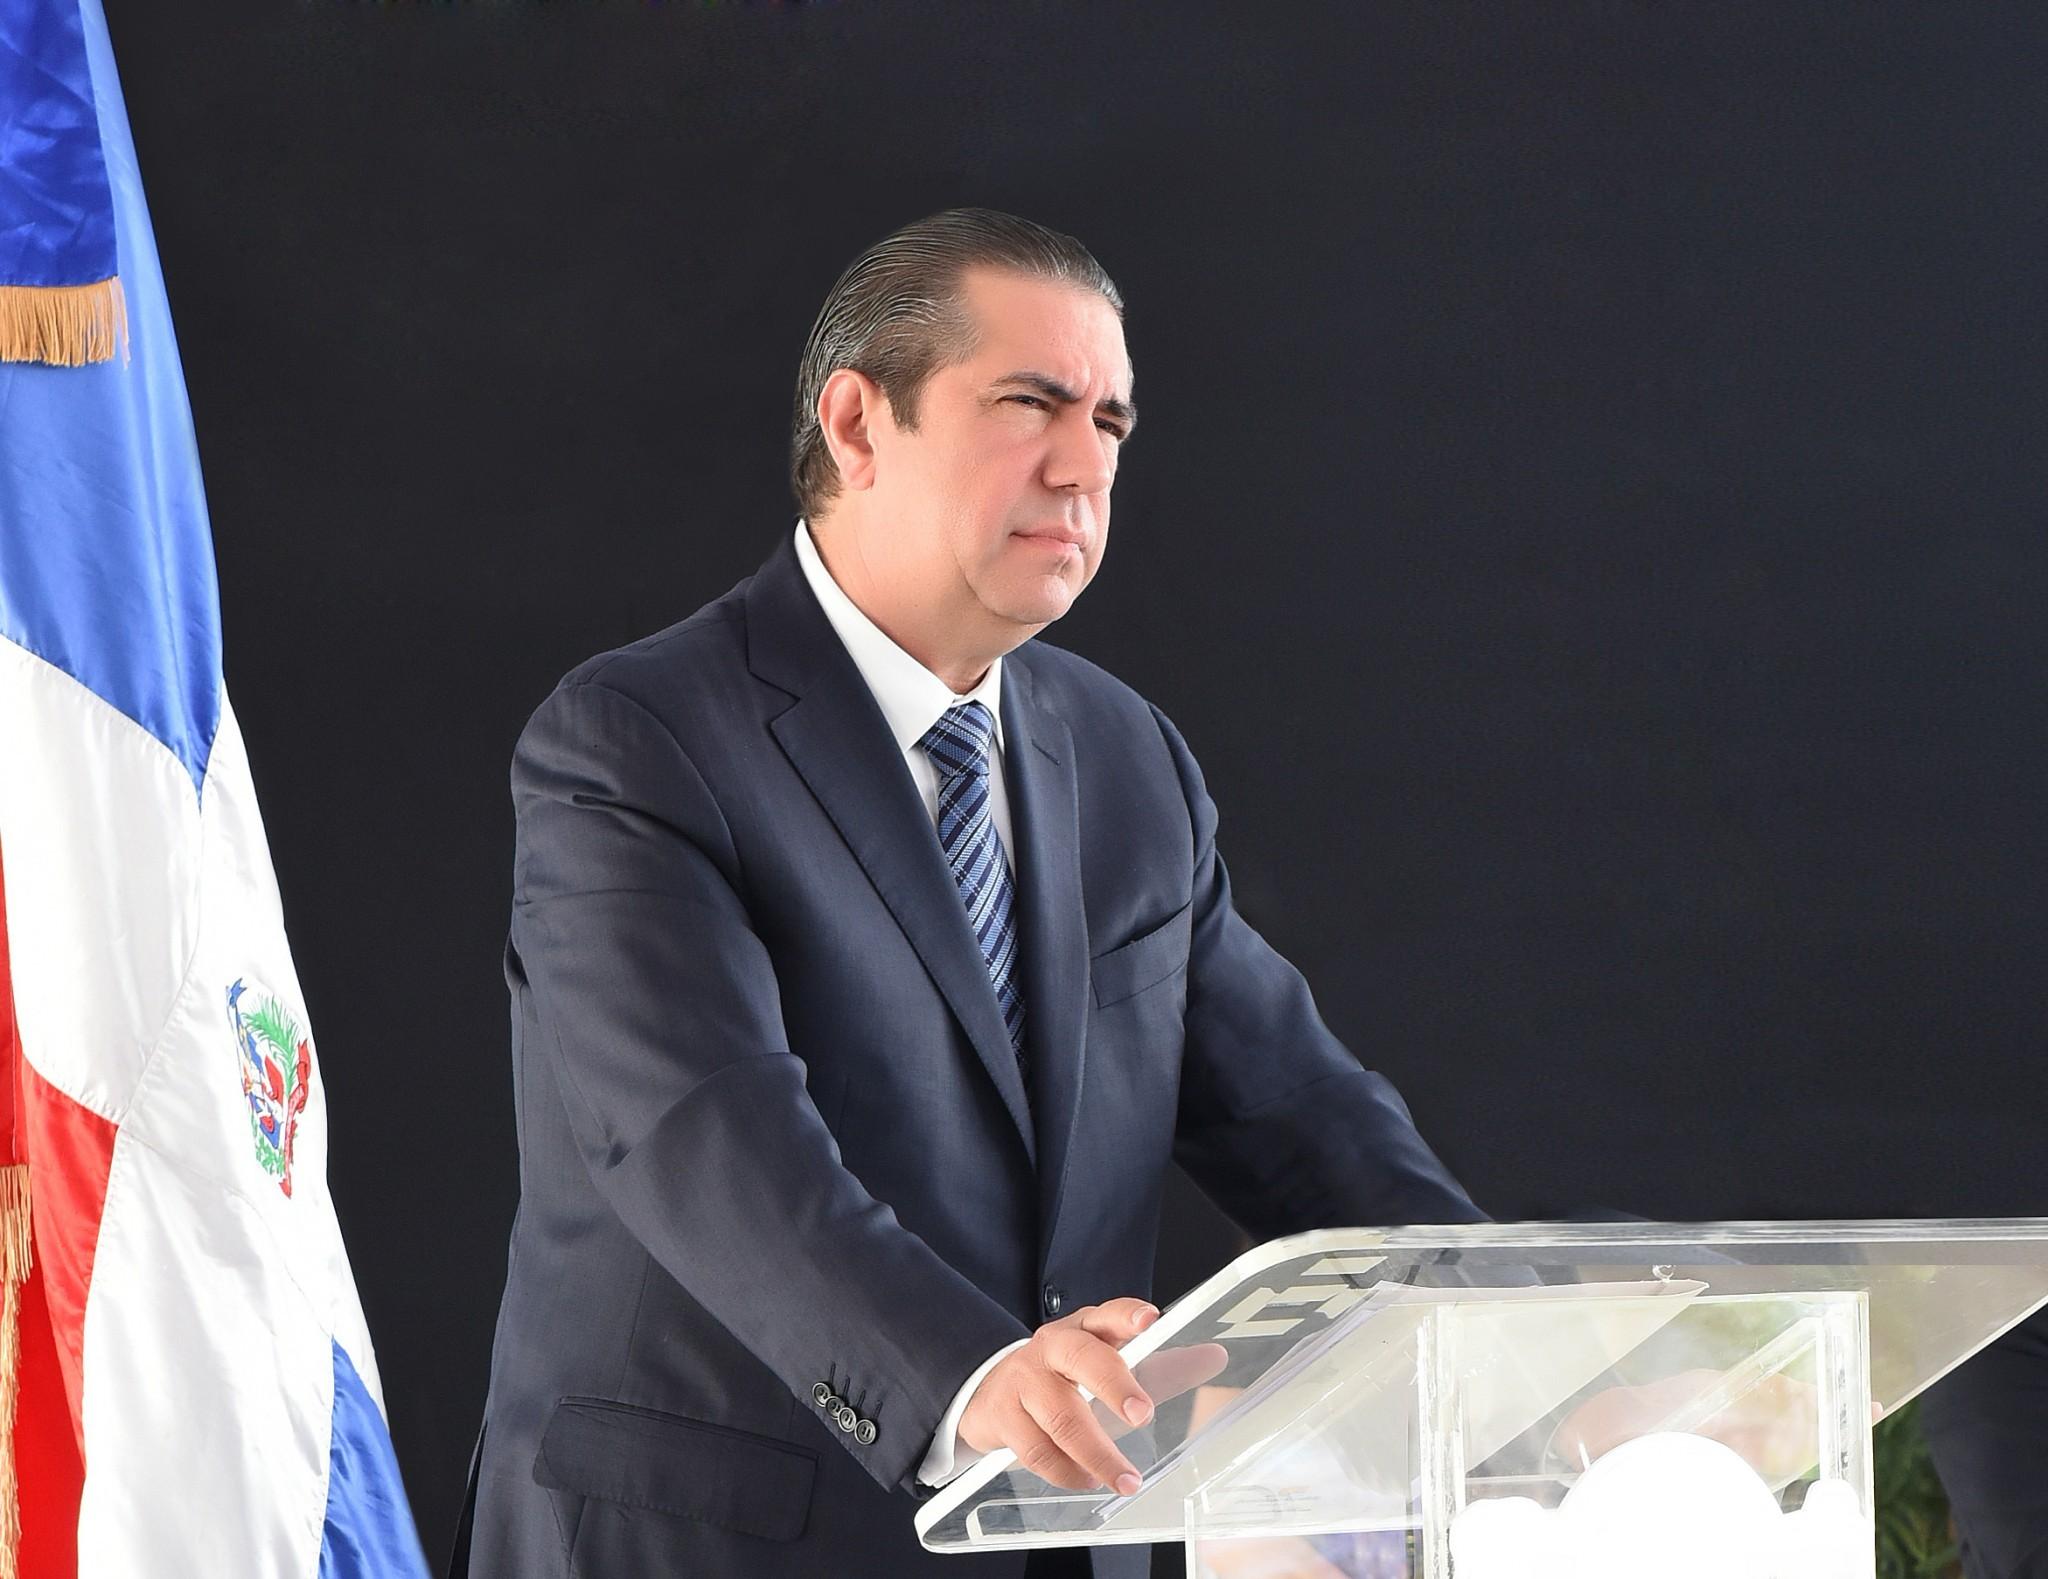 Ministro de Turismo Francisco Javier García